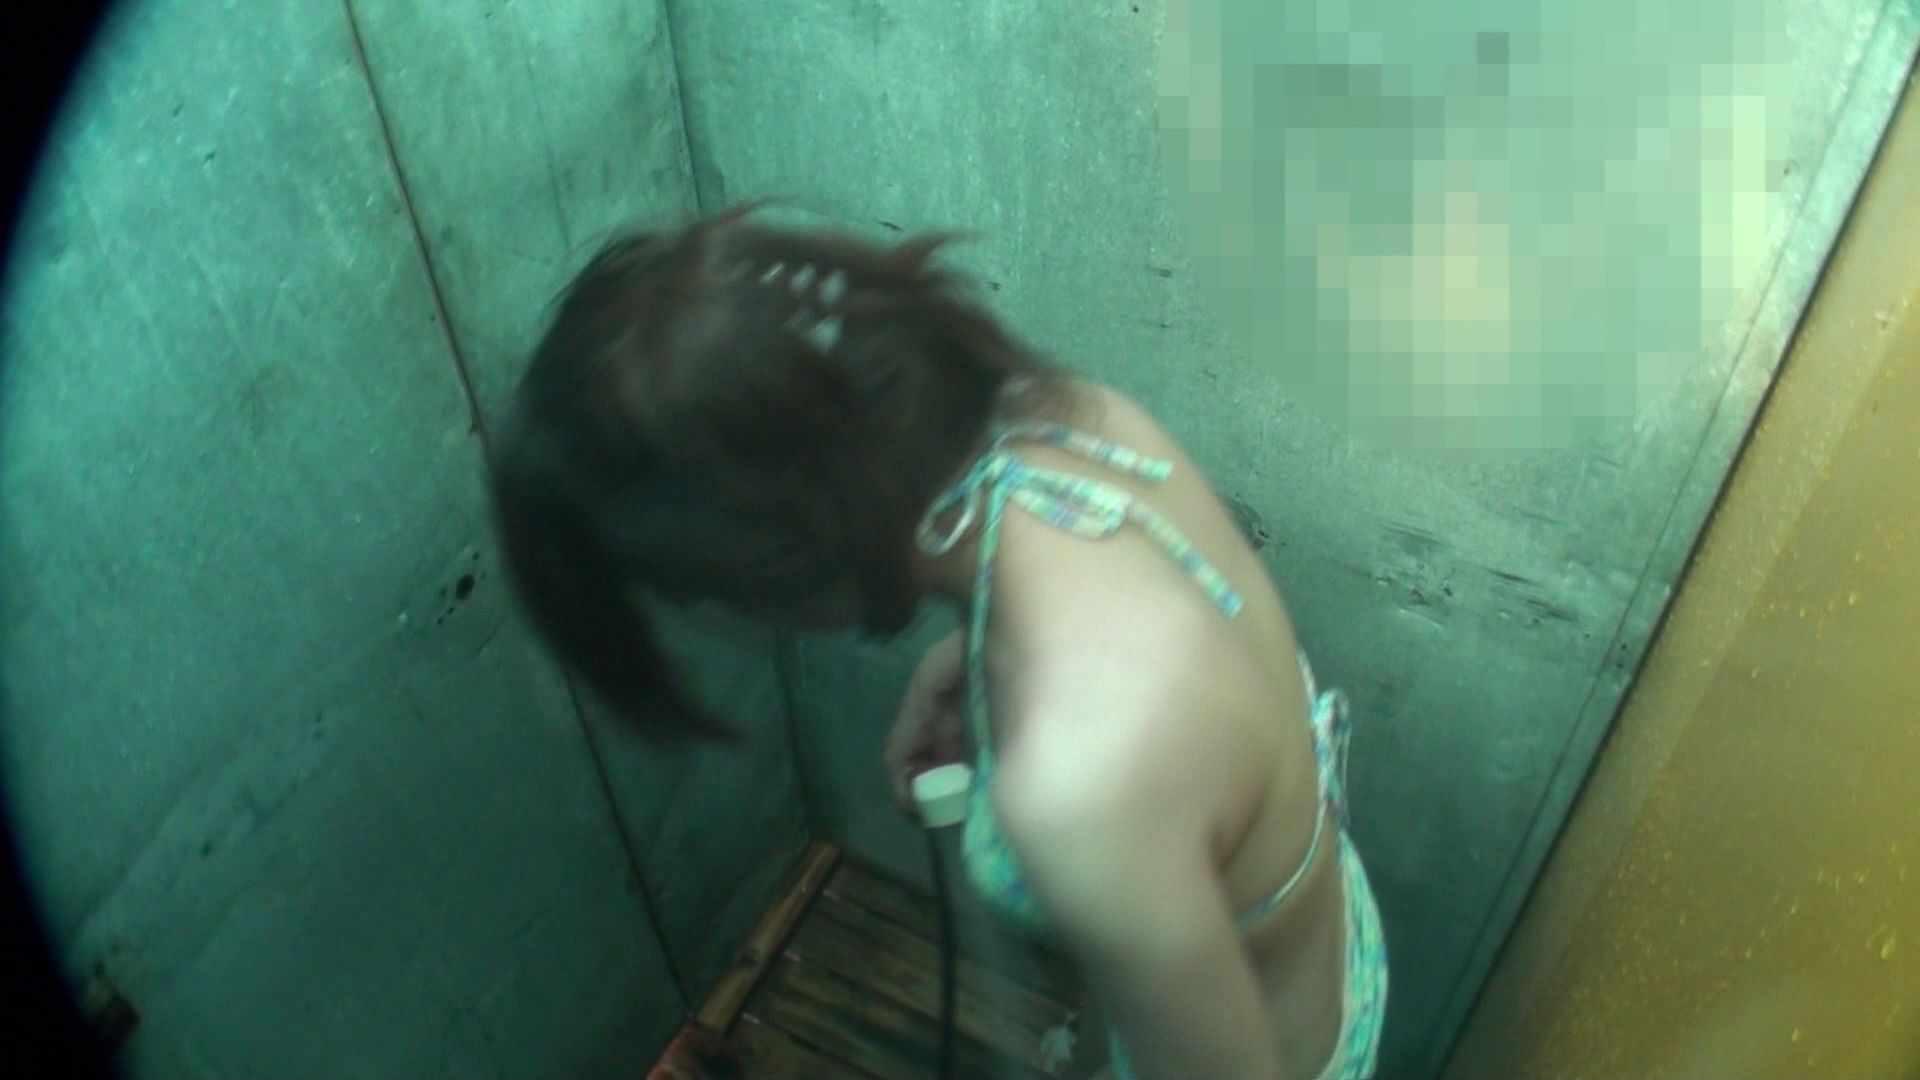 シャワールームは超!!危険な香りVol.15 残念ですが乳首未確認 マンコの砂は入念に マンコ無修正   シャワー  51画像 1